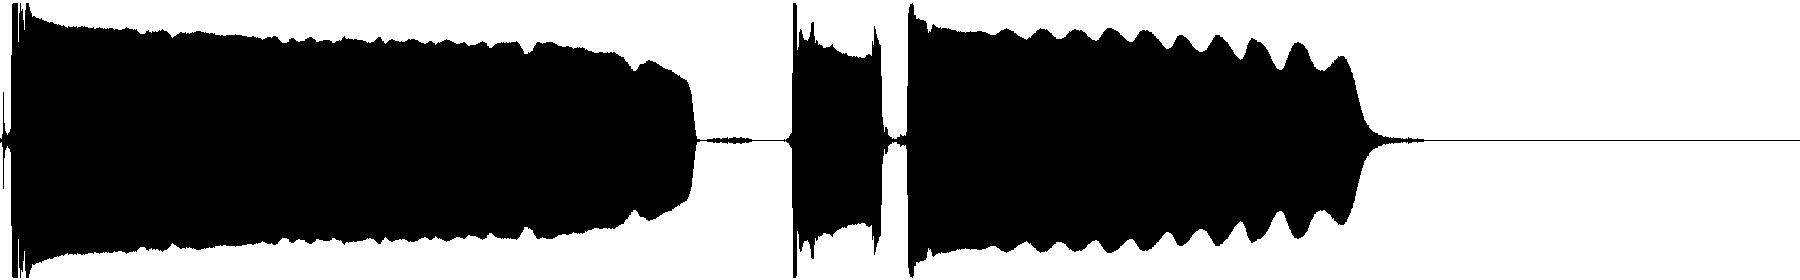 saxsoloc 2